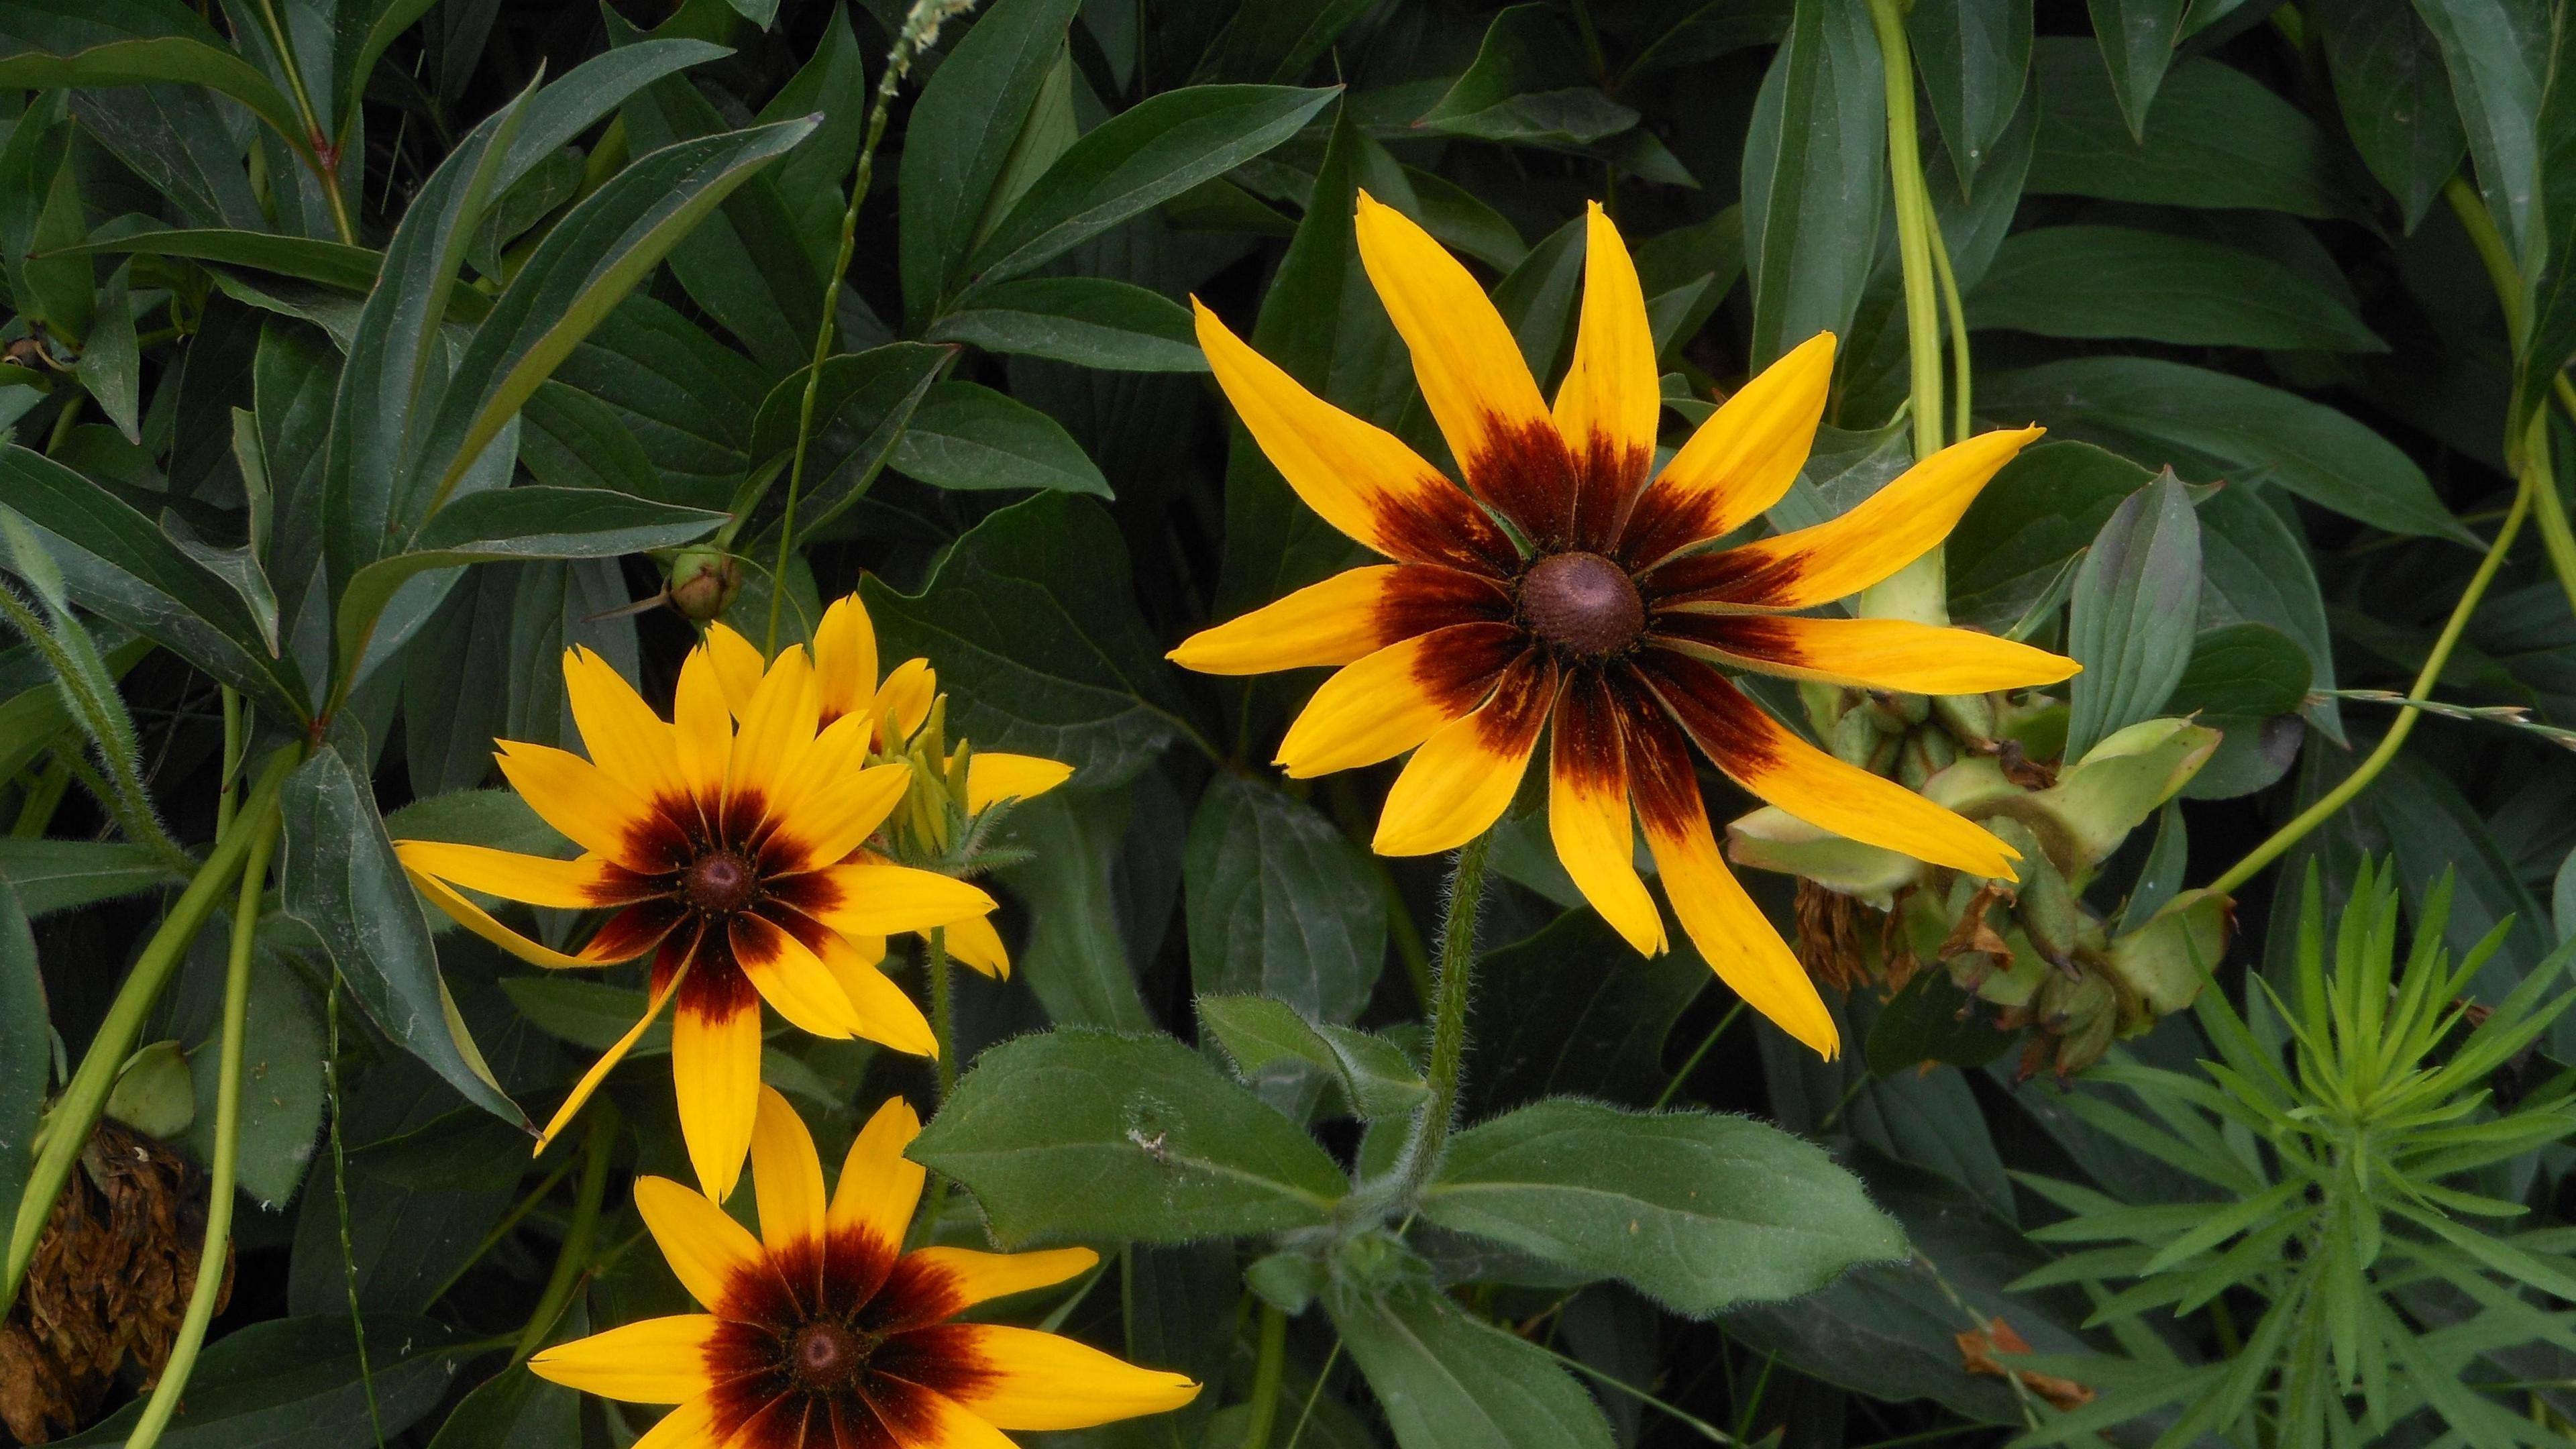 rudbeckia flowers herbs summer 4k 1540064135 - rudbeckia, flowers, herbs, summer 4k - Rudbeckia, herbs, Flowers